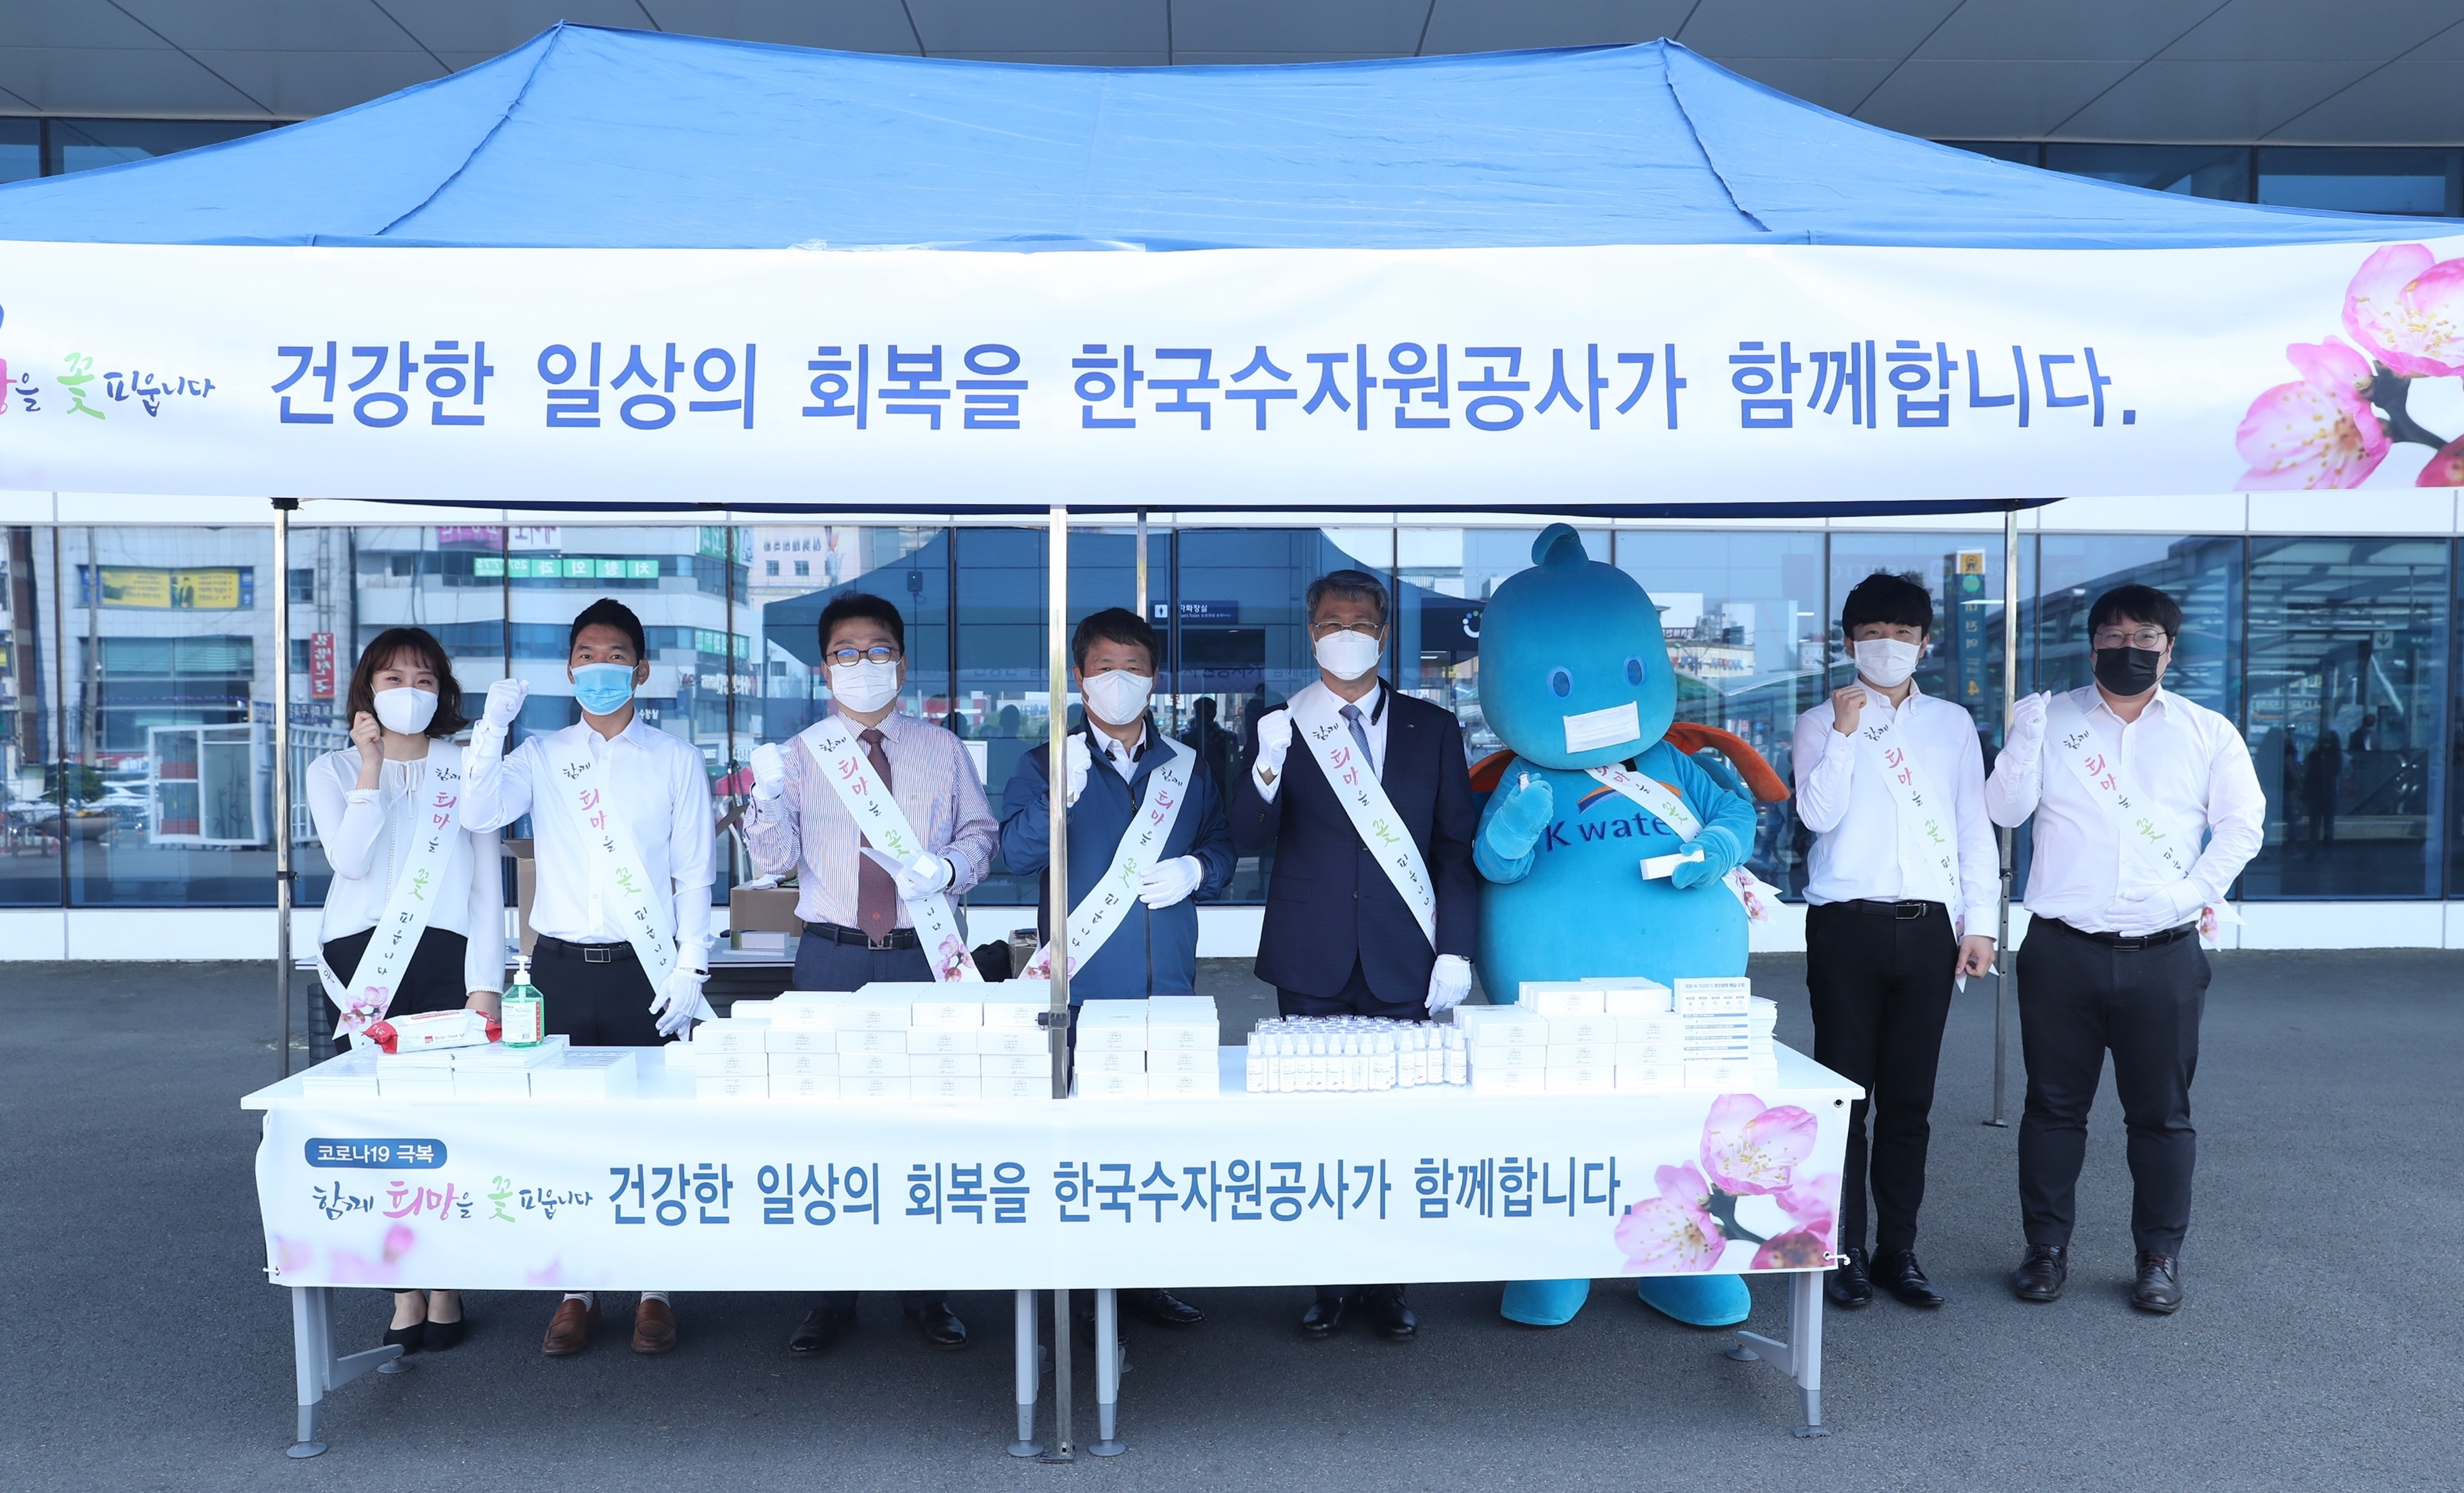 한국수자원공사, 국민의 건강한 일상 회복을 응원합니다 전국 주요 역사에서 손세정제 전달 등 생활방역 홍보